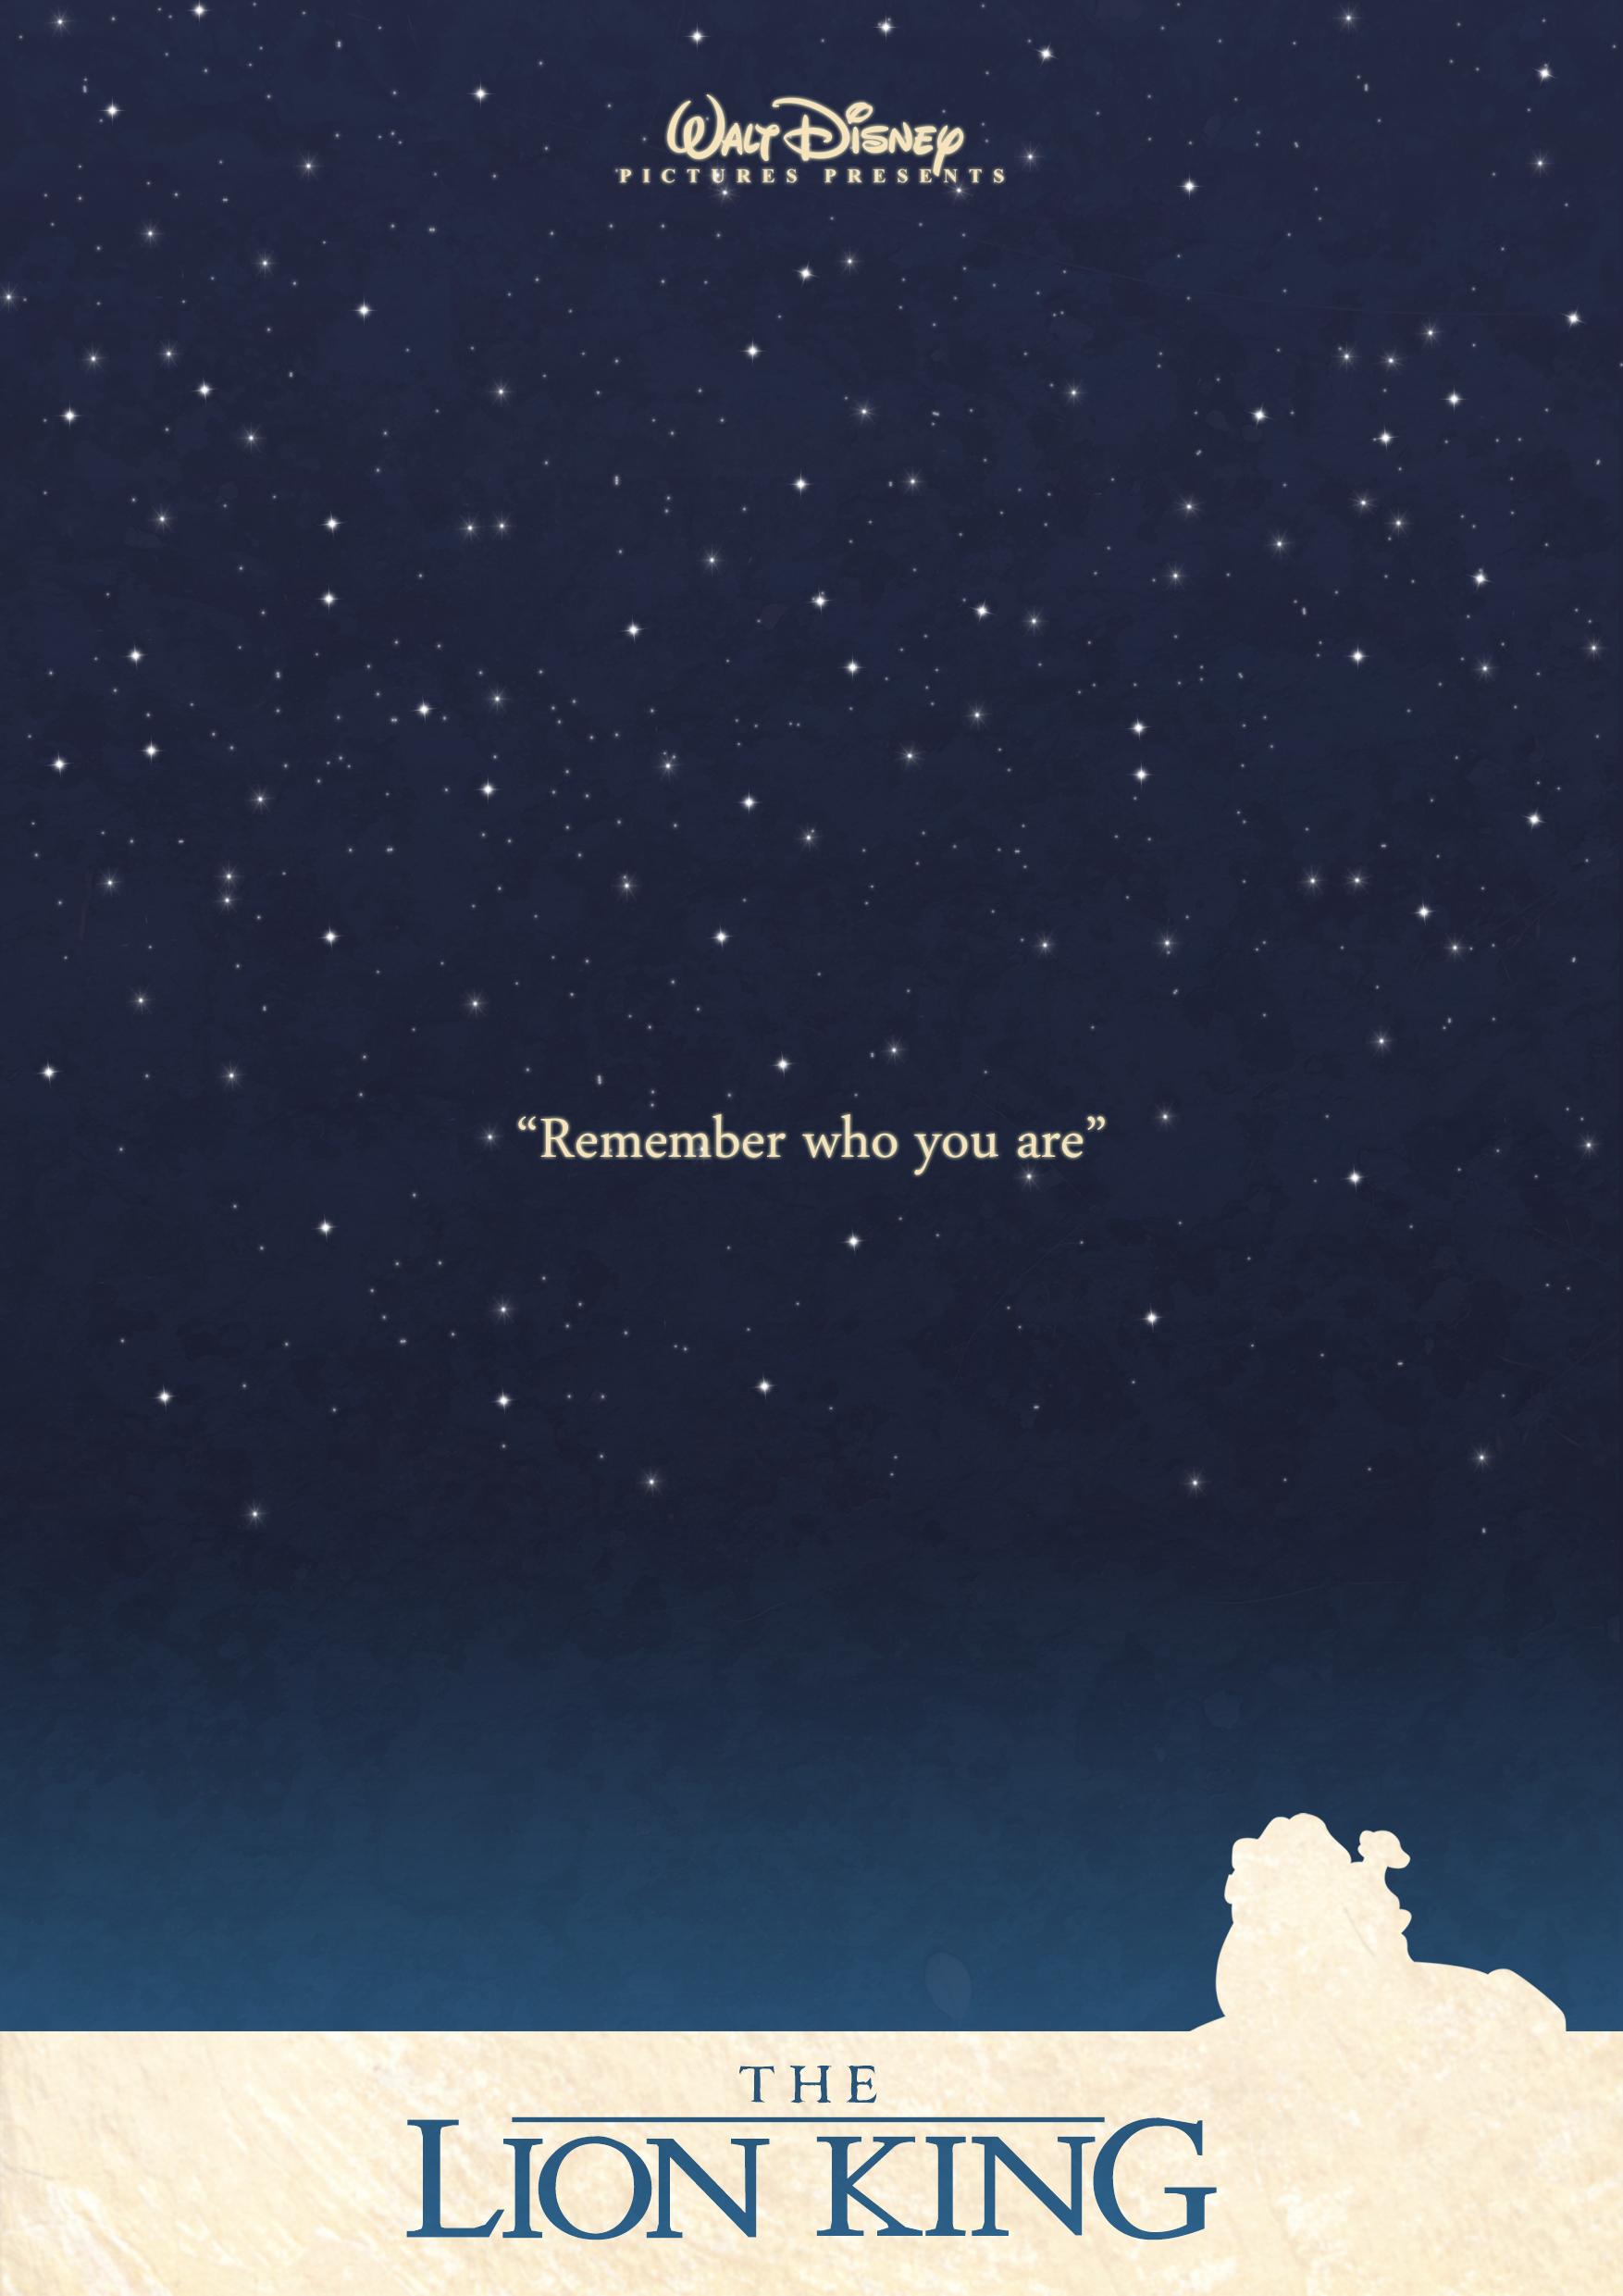 Lion king minimal Poster by Sindorman